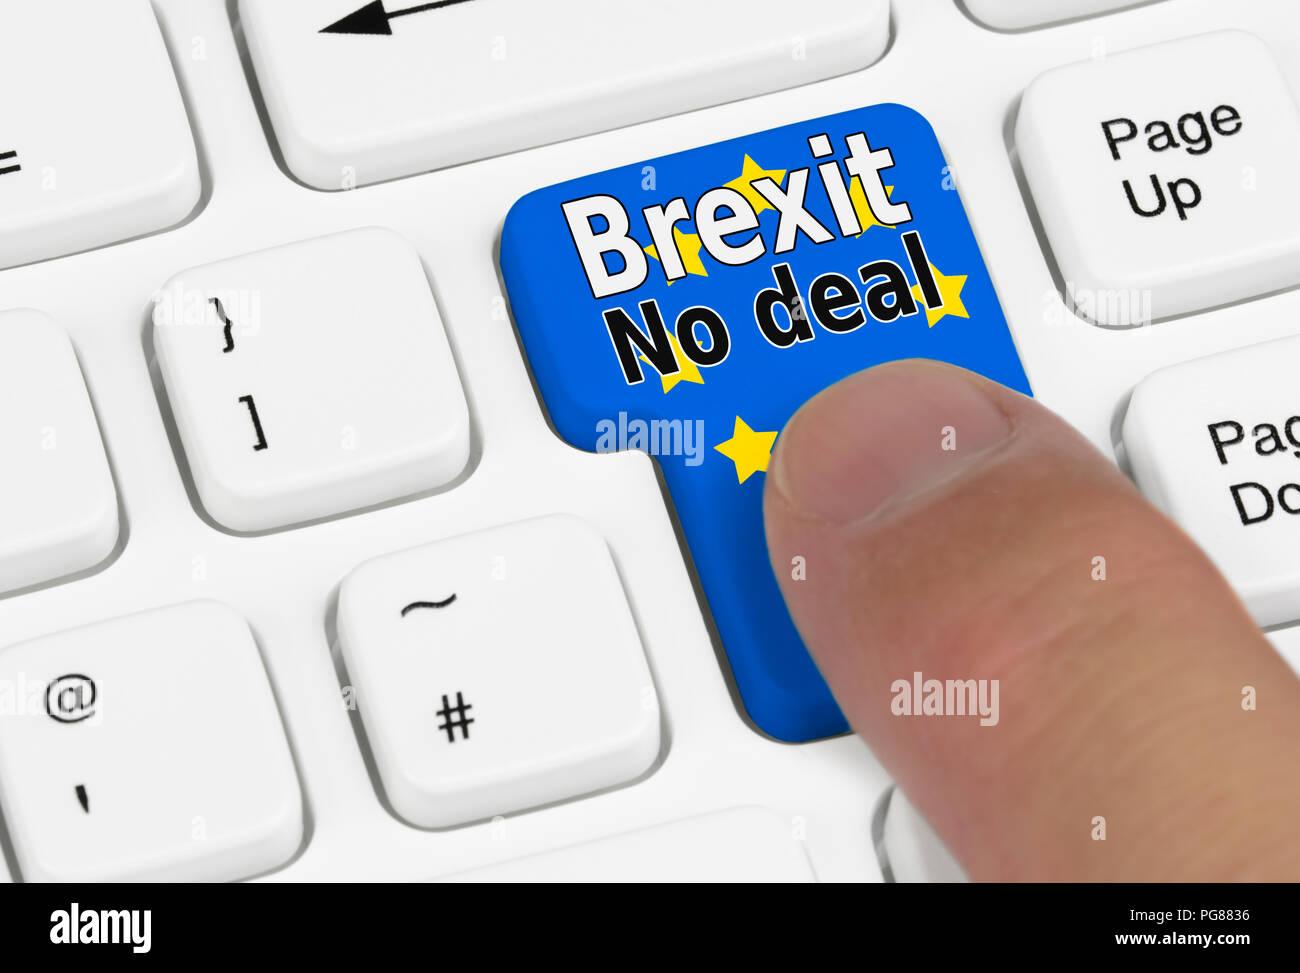 Al pulsar un botón Brexit ningún acuerdo sobre un teclado. No deal Brexit concepto. Dejar la UE sin tratar. Imagen De Stock